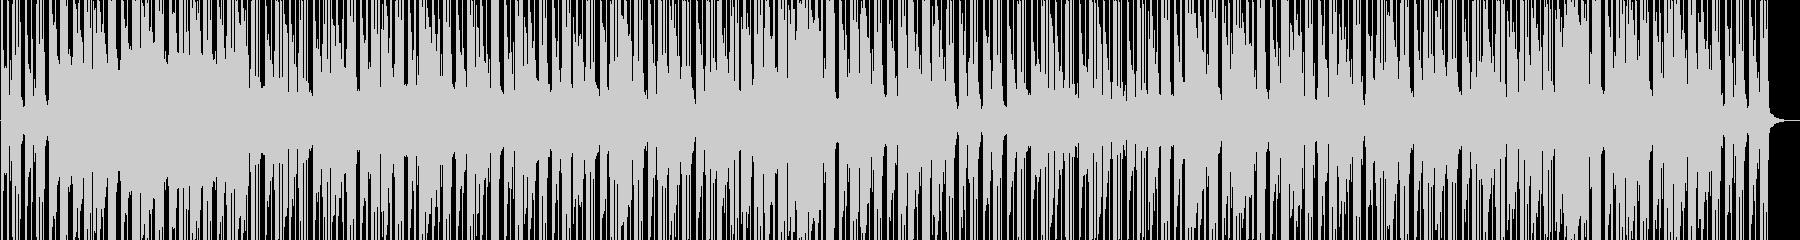 エレクトロポップ研究所きらめく-ロ...の未再生の波形